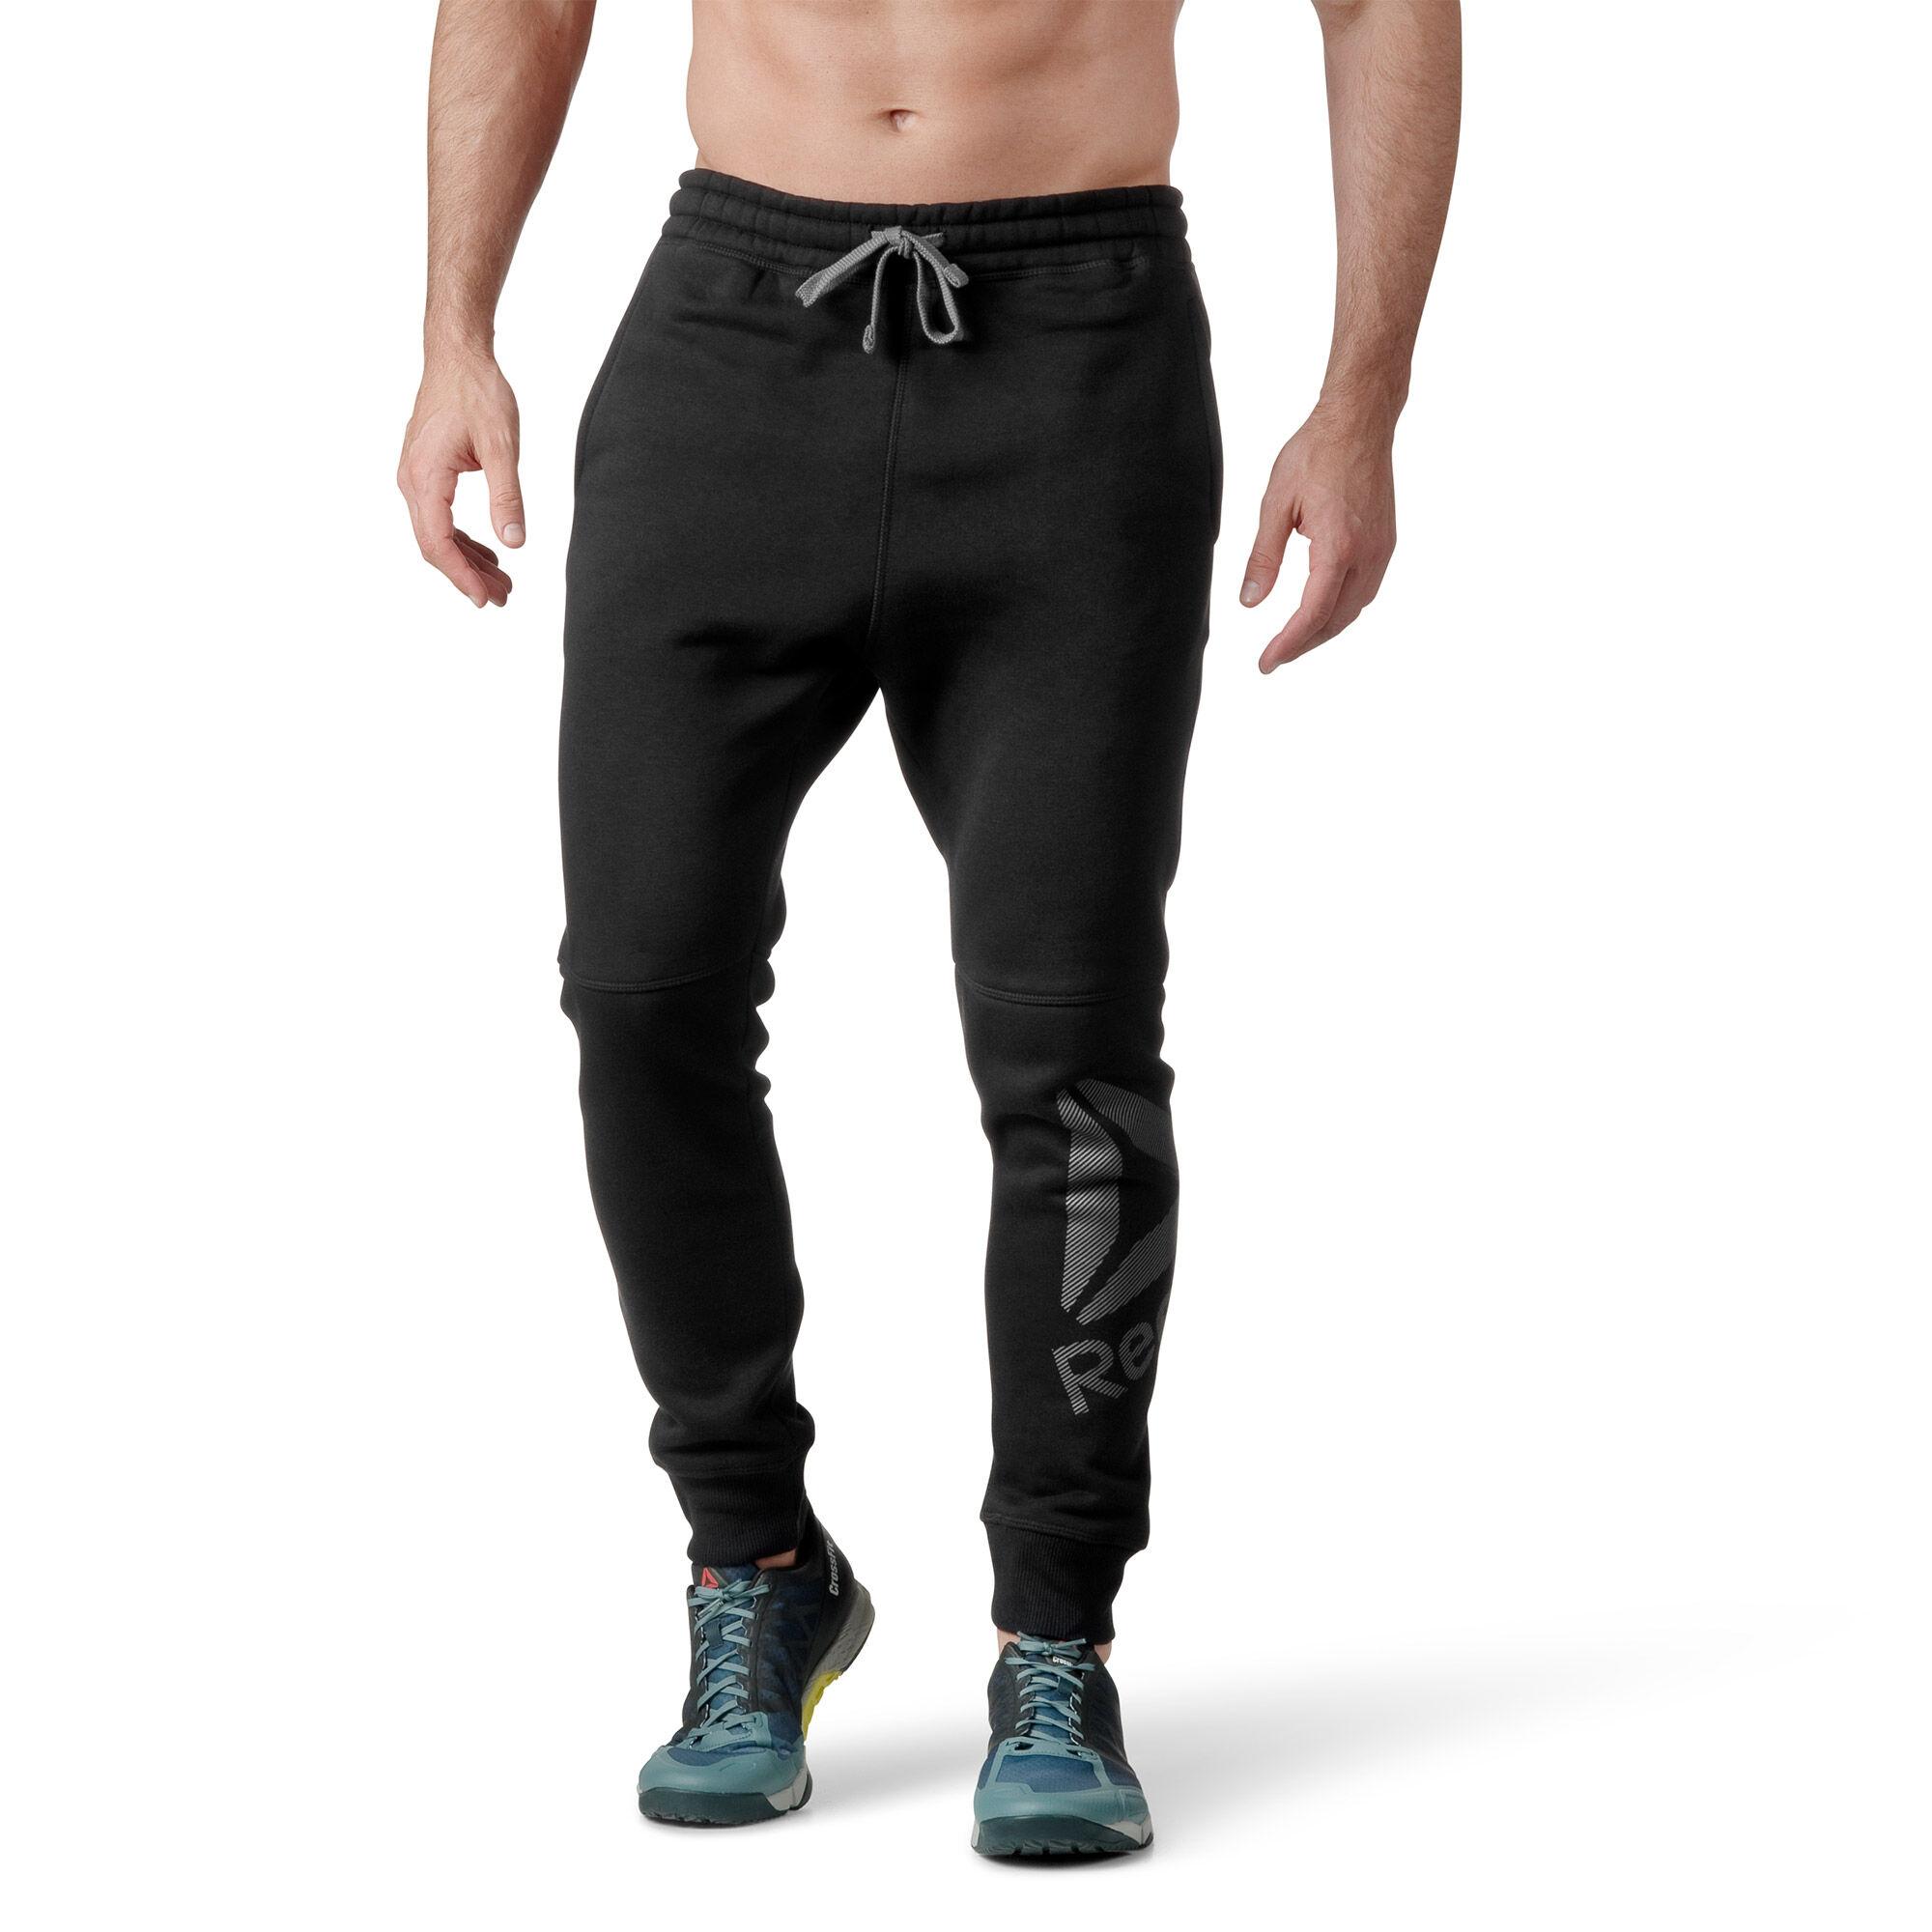 Reebok - Workout Ready Big Logo Cotton Pant Black B49898